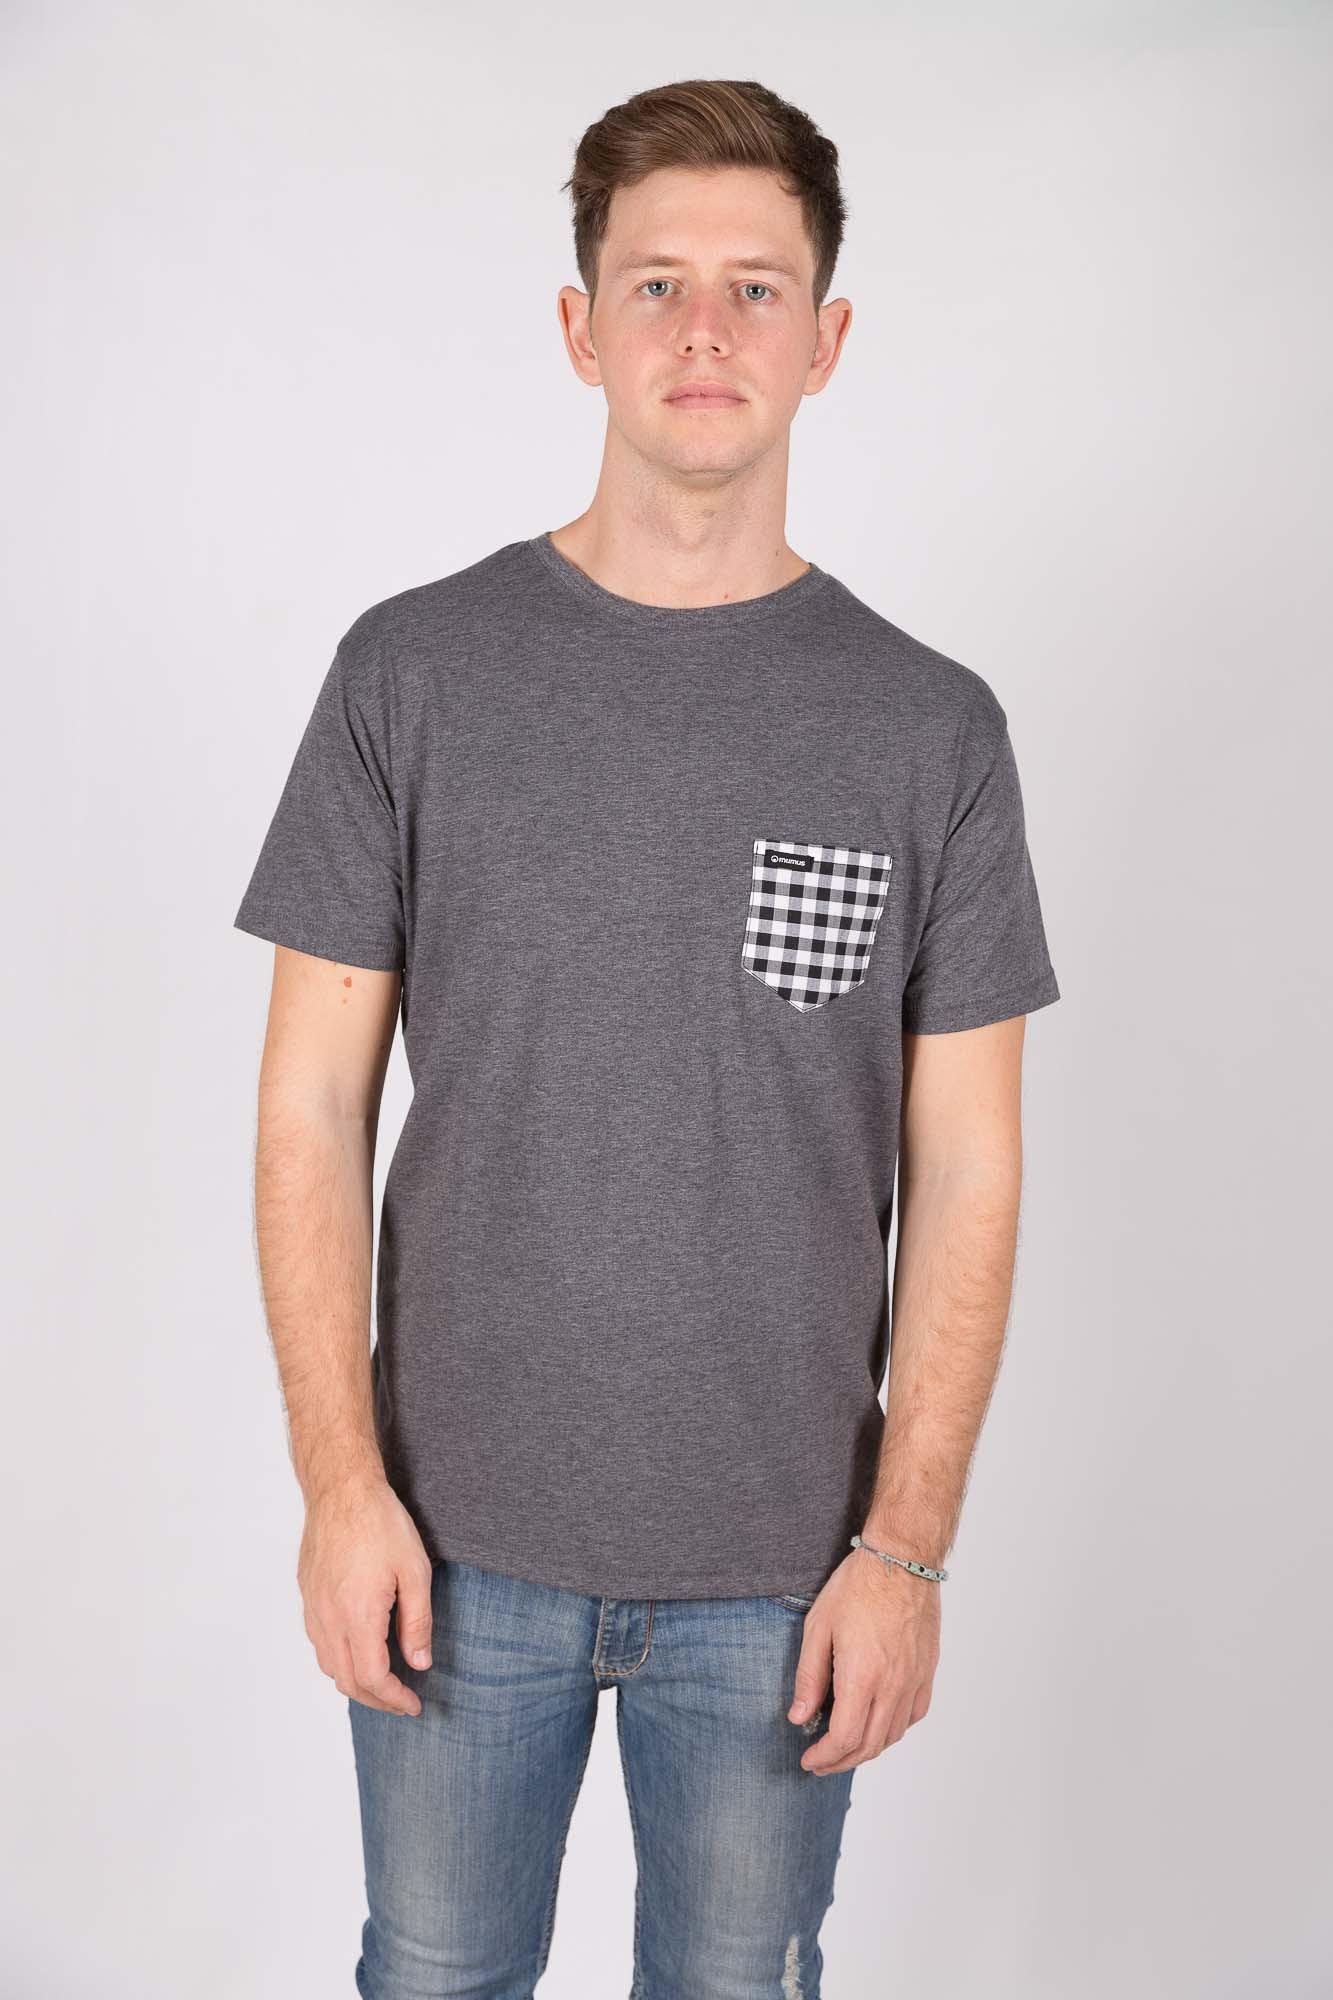 Camiseta Gris Oscuro Darcheck